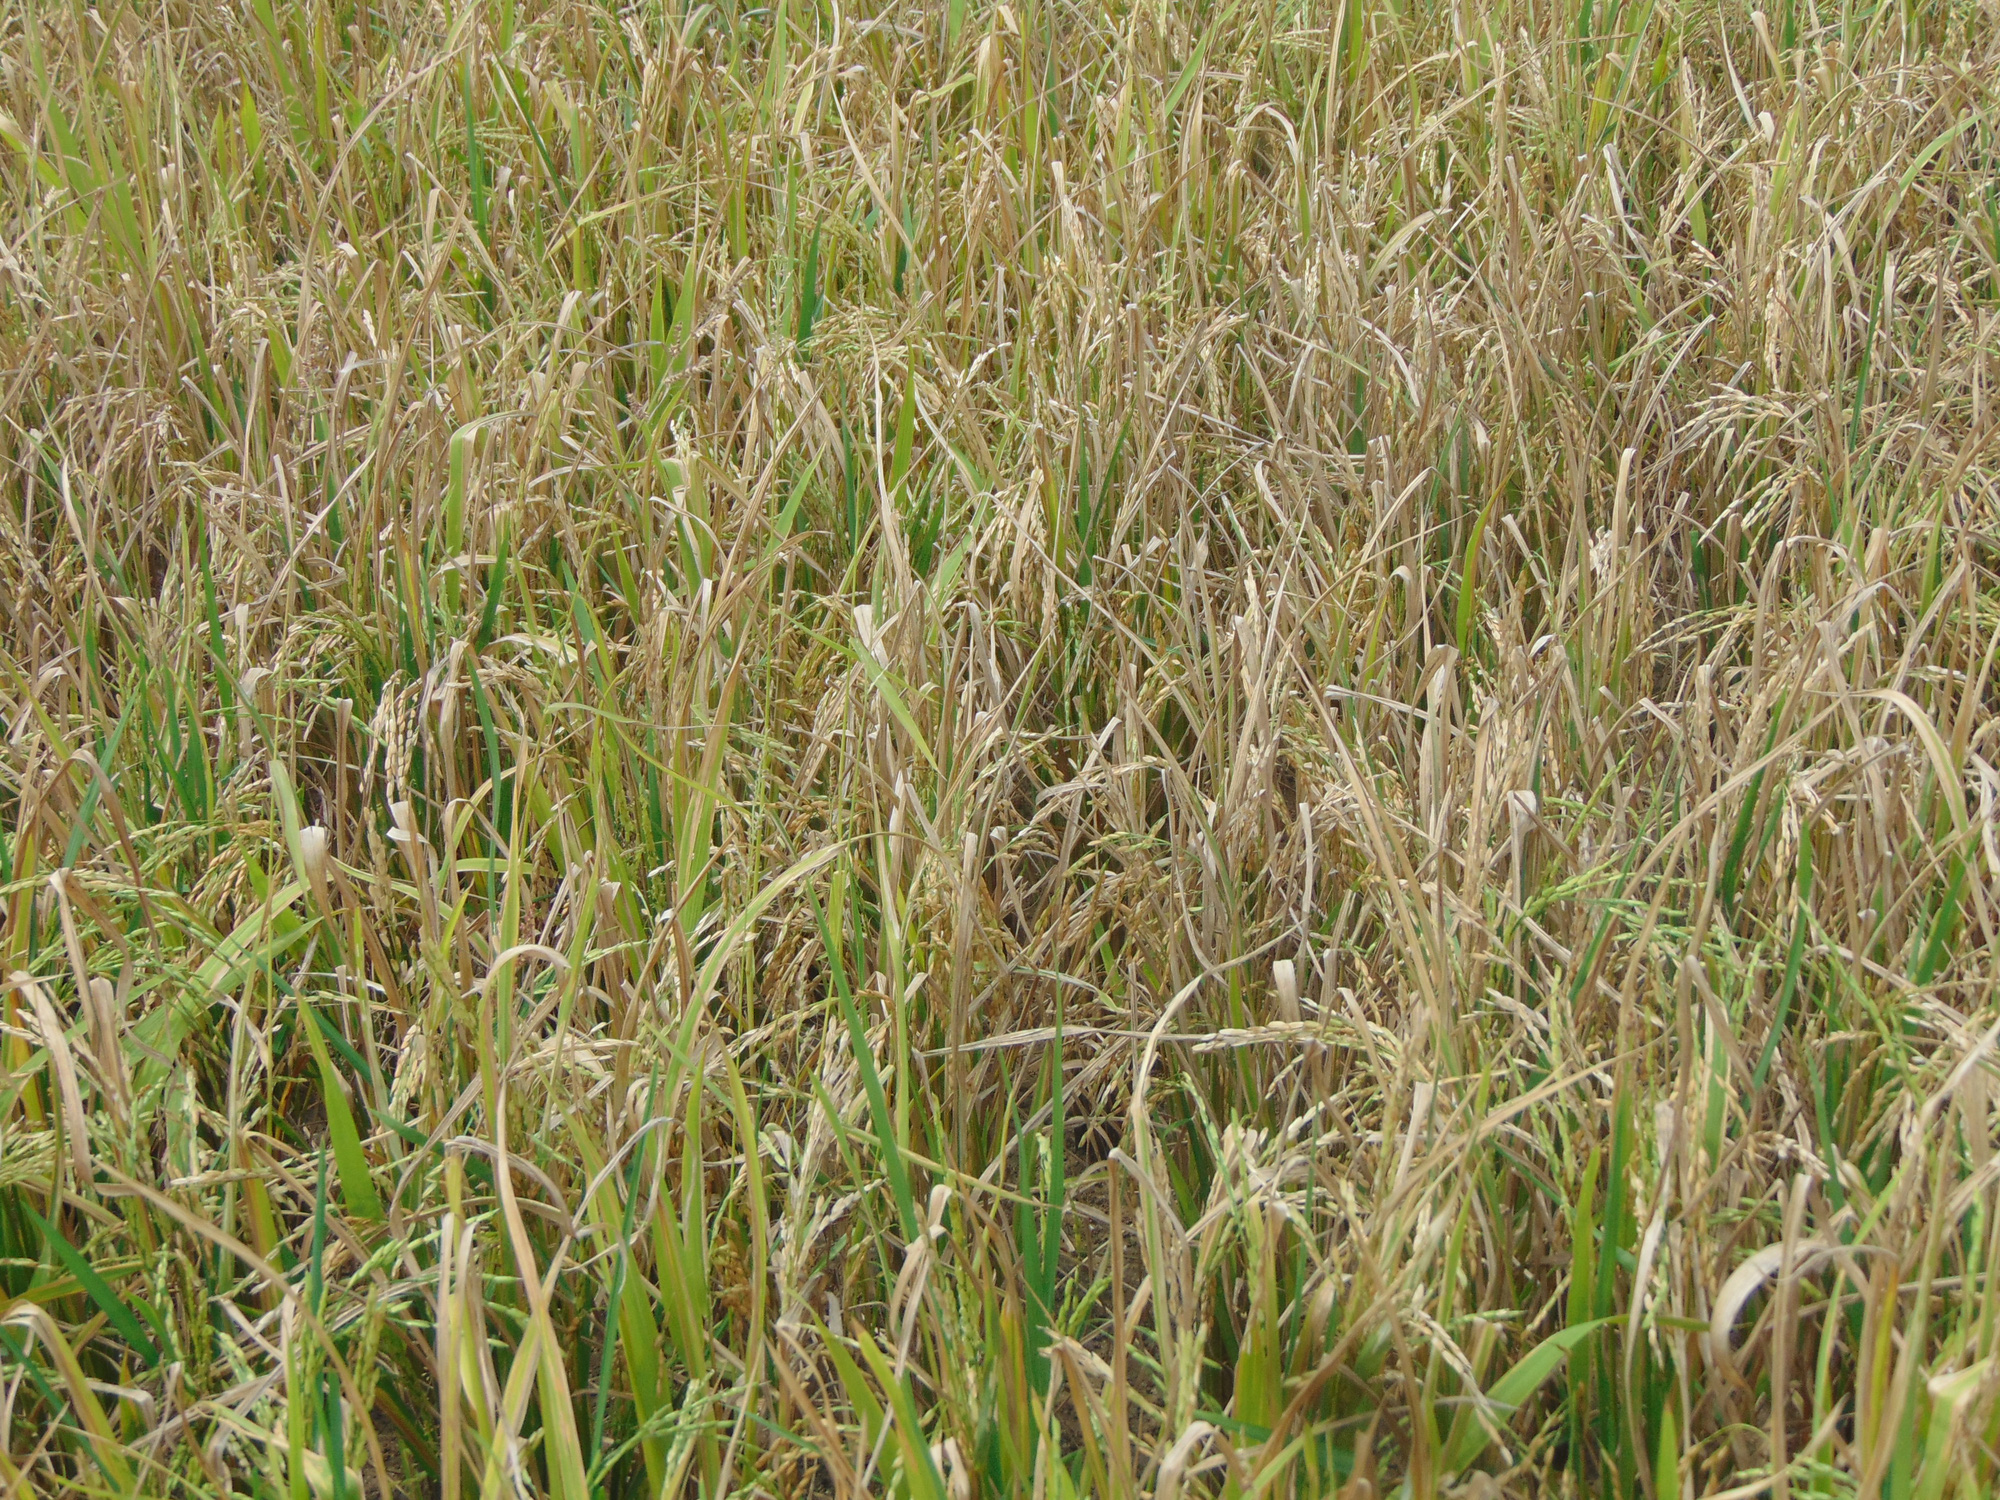 Thái Nguyên: Nhiều hộ dân mất trắng do gieo cấy giống lúa lạ - Ảnh 1.